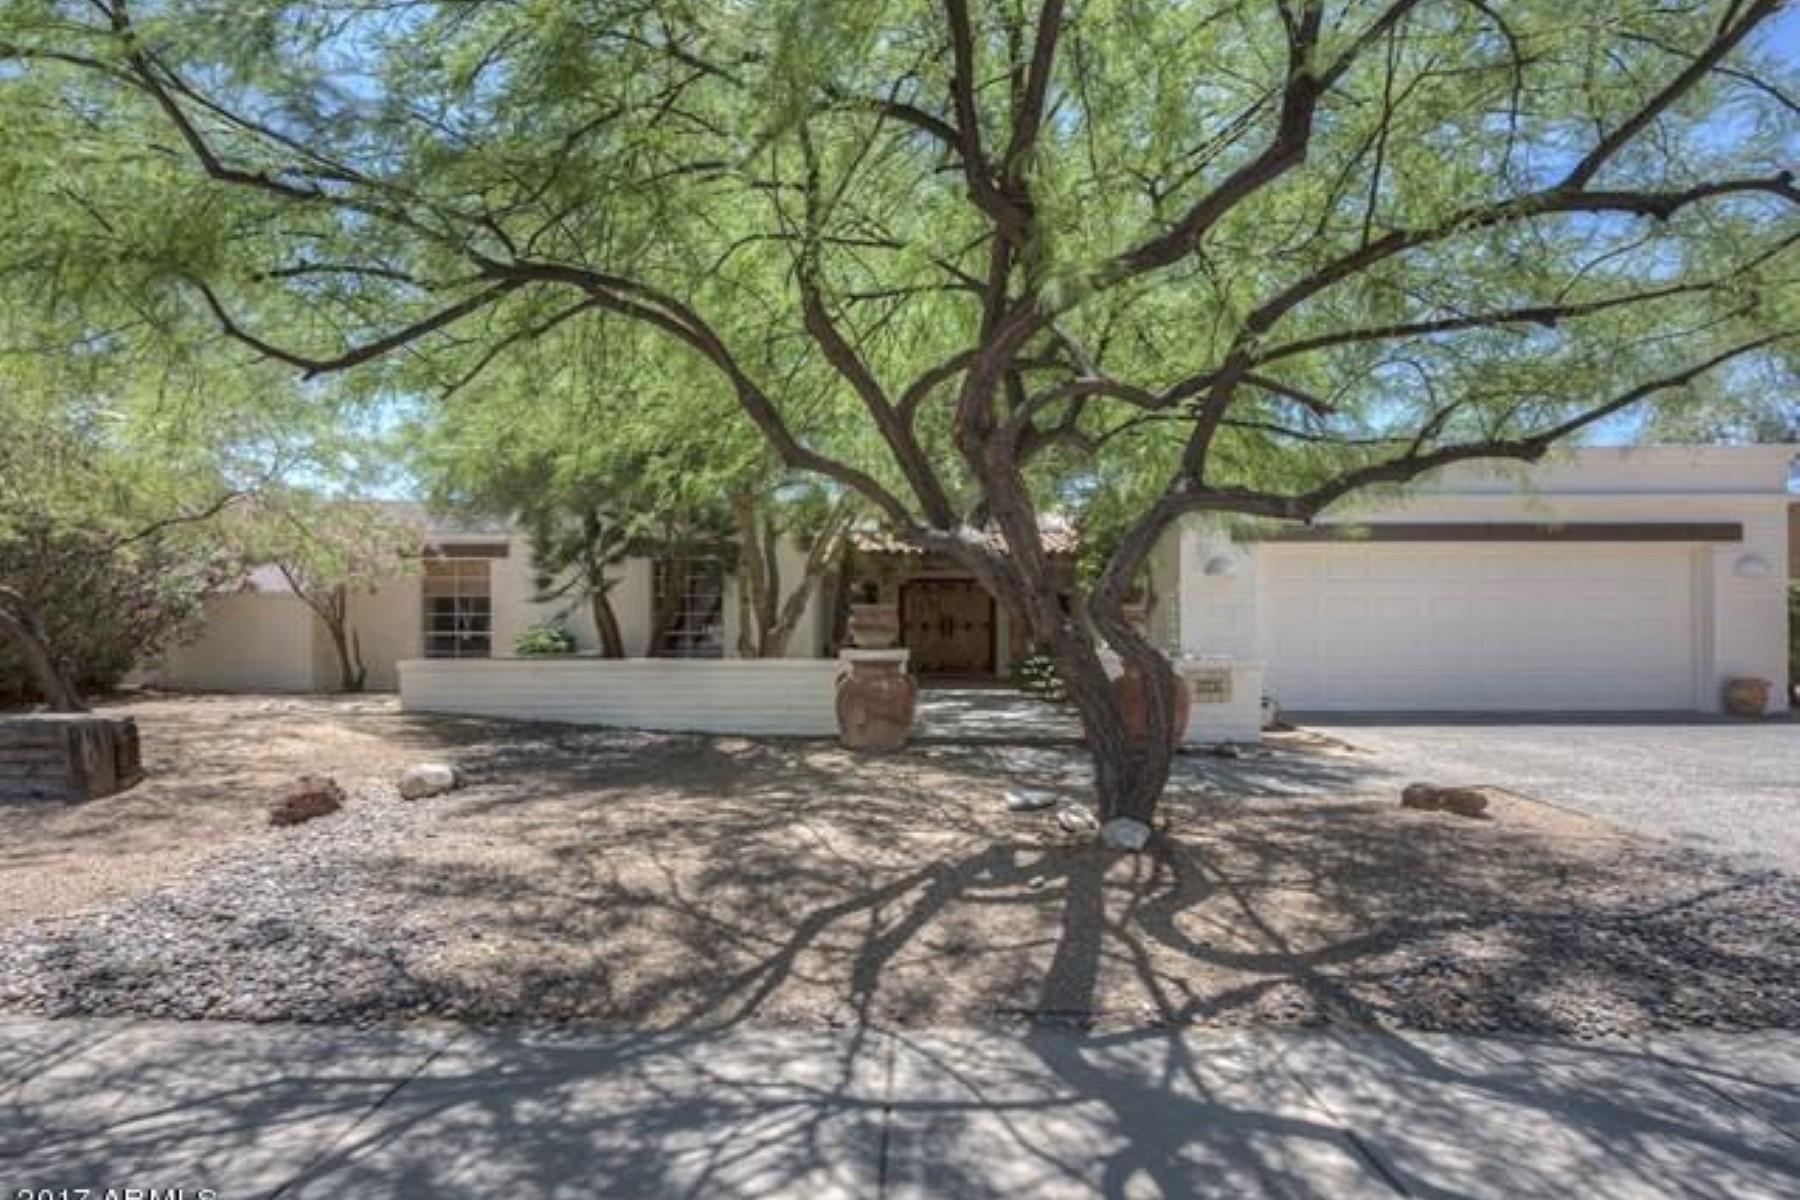 Частный односемейный дом для того Продажа на Beautiful home in the desirable McCormcik Ranch community 7607 E Via De Corto Scottsdale, Аризона, 85258 Соединенные Штаты